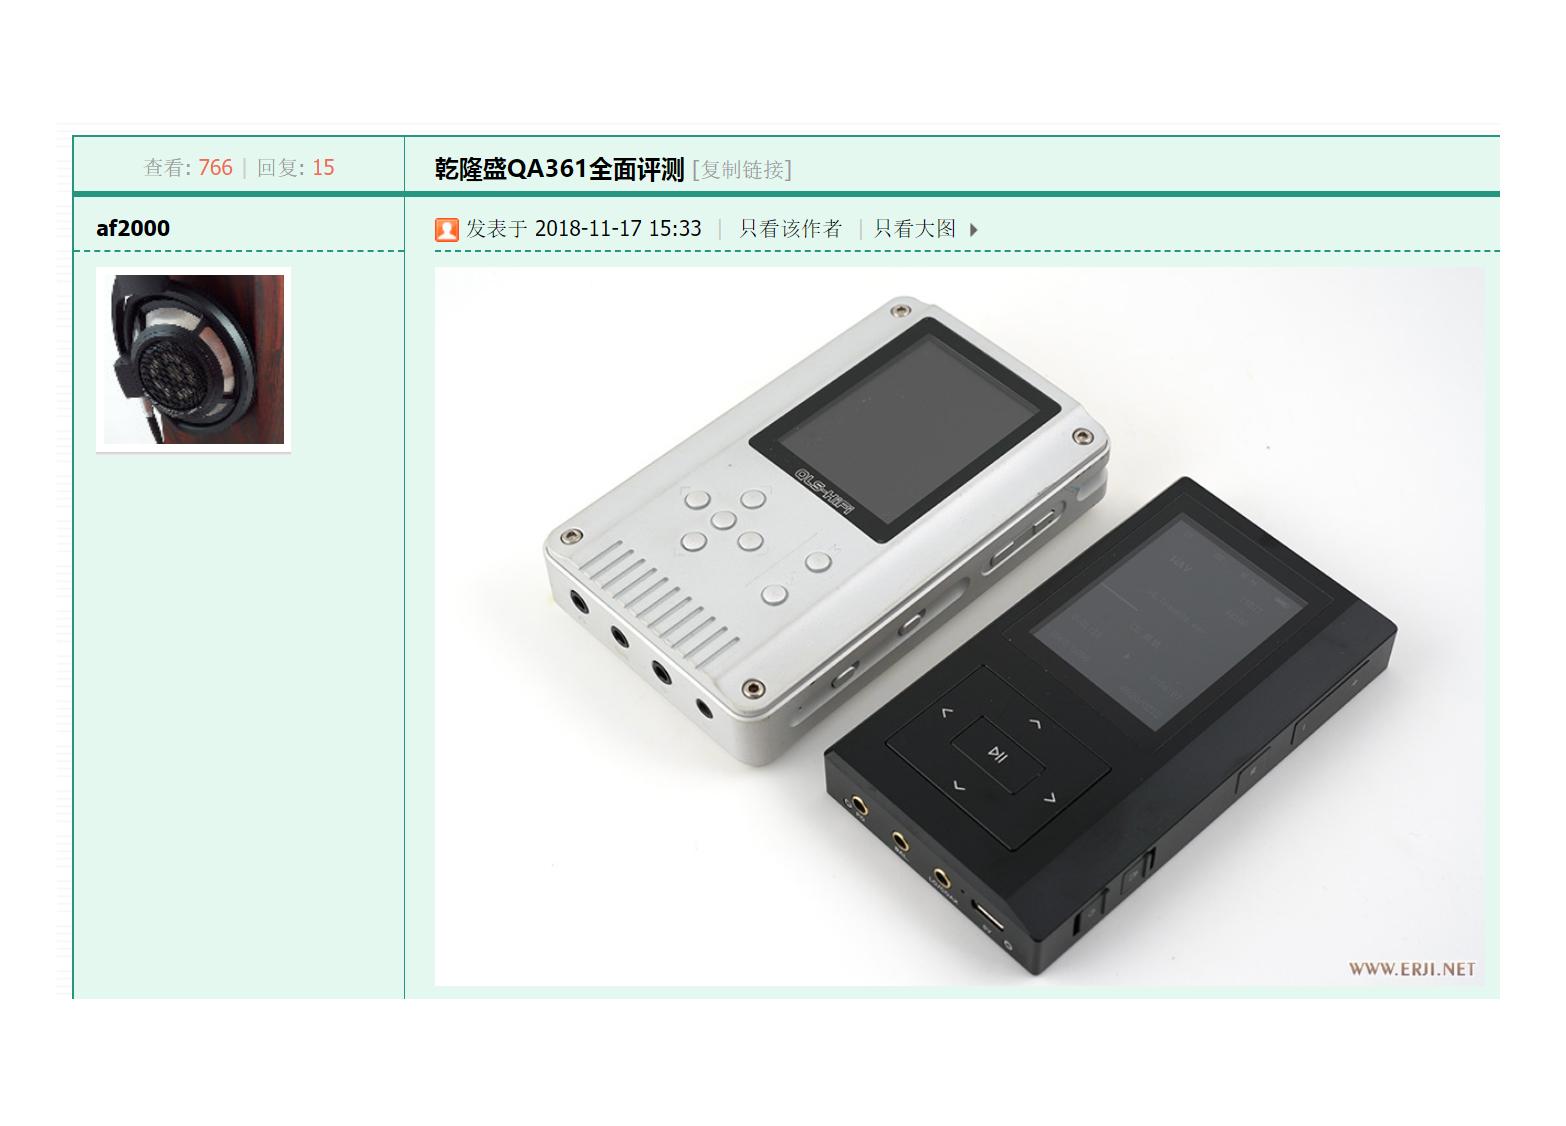 耳机大家坛管理员AF2000对QA361进行了全面评测